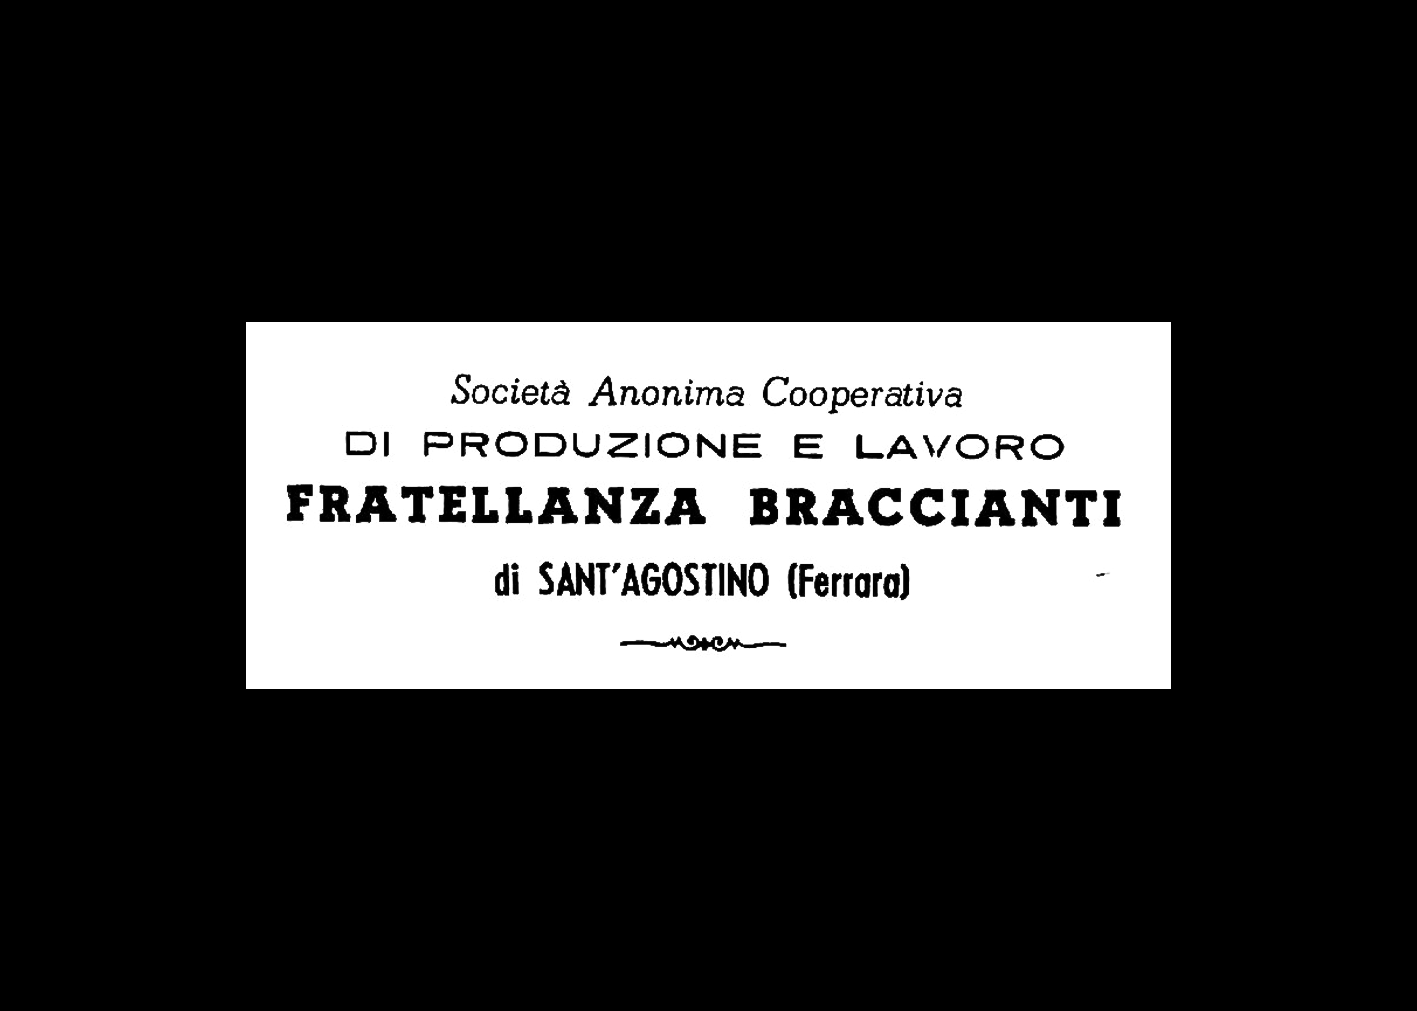 Logo della Coop Fratellanza Braccianti